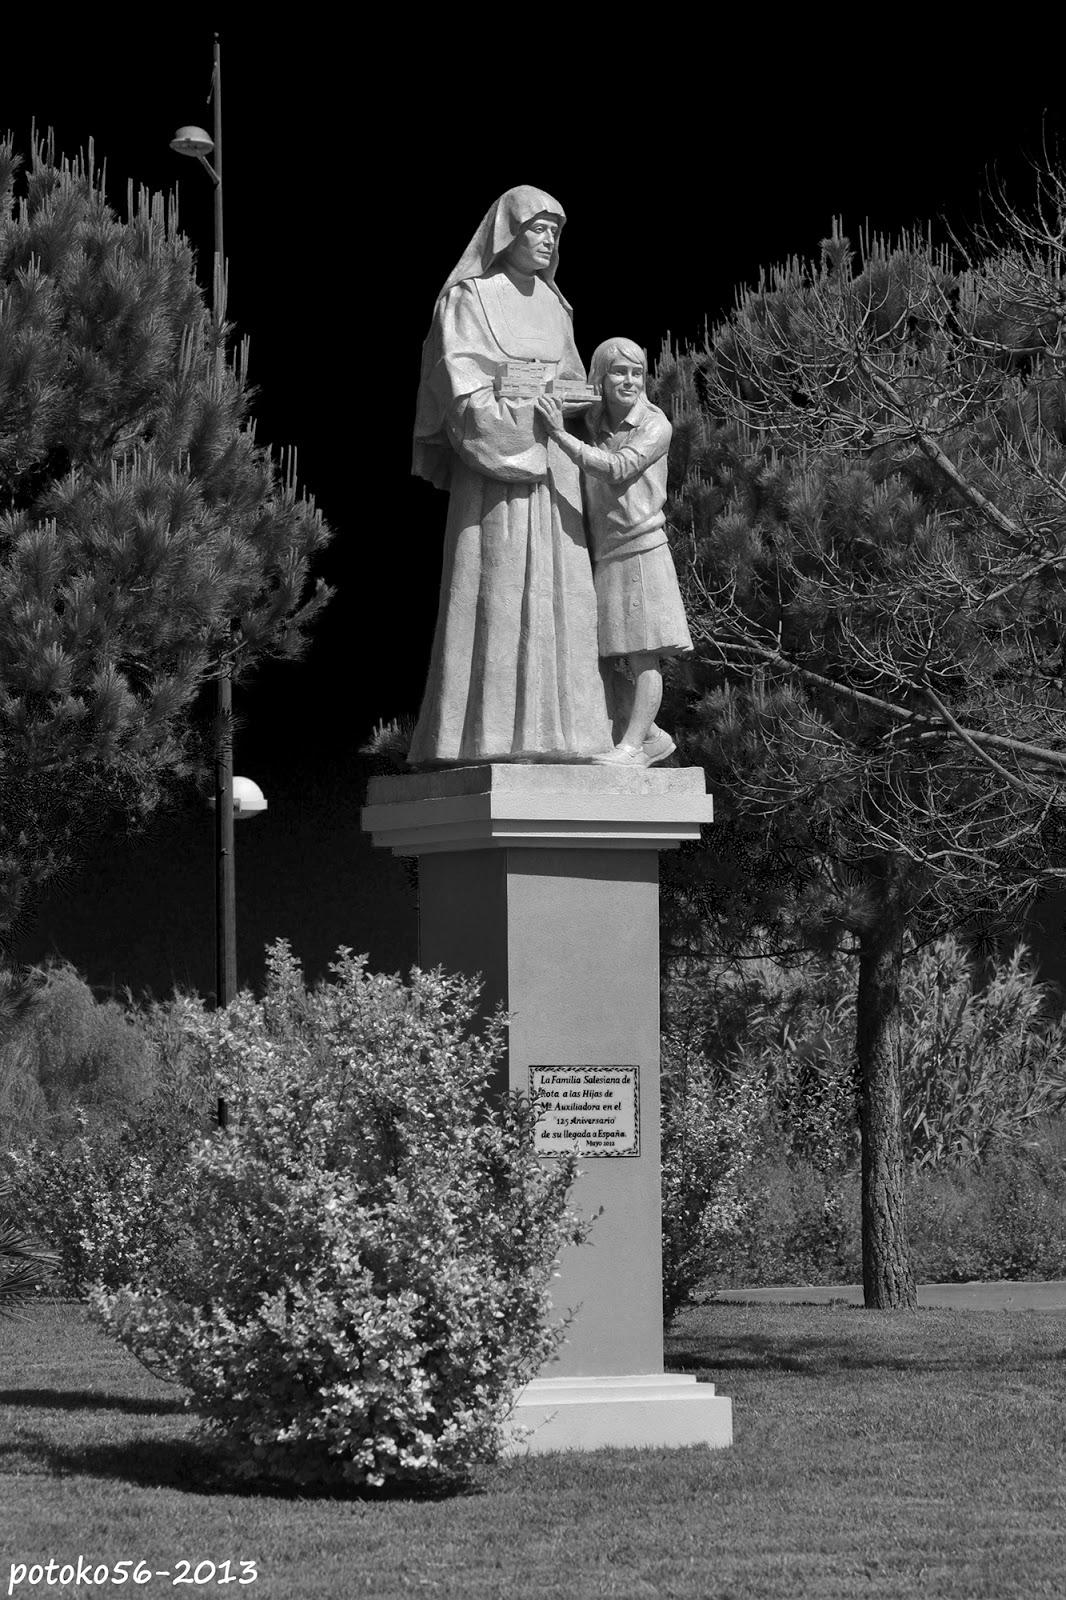 rotonda dedicada a las monjas 125 años en españa rota